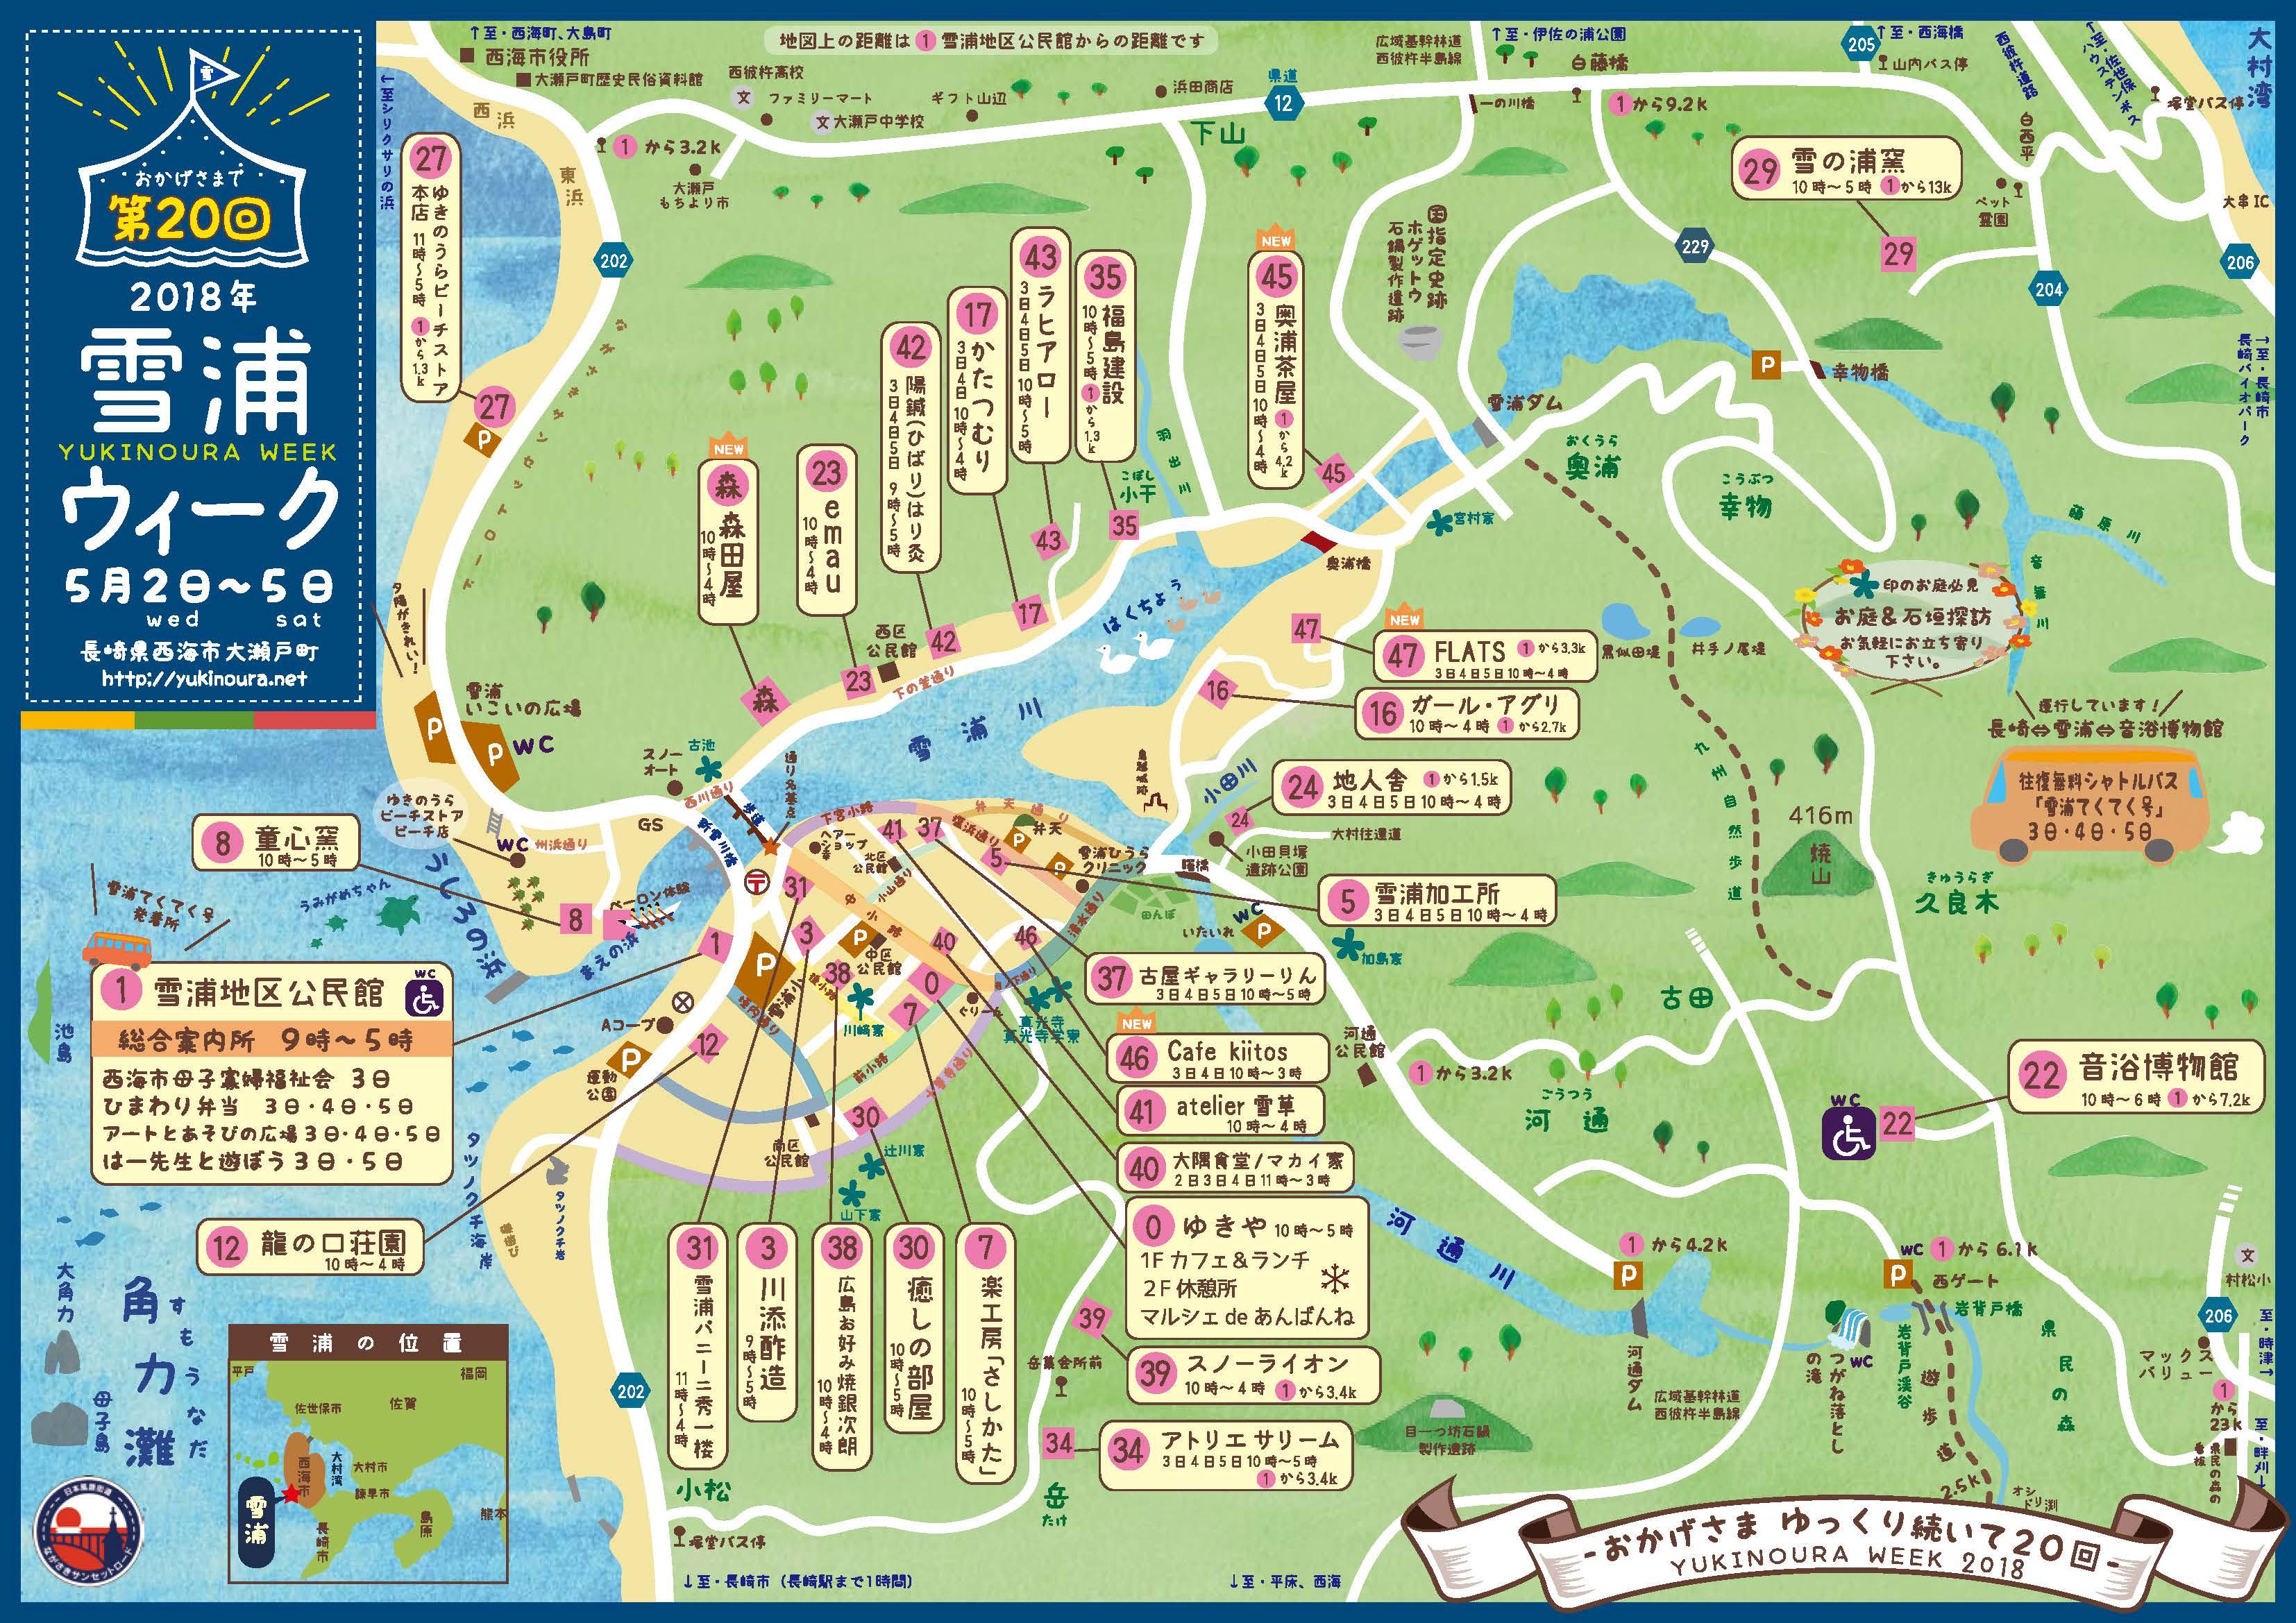 第20回雪浦ウィークのマップができました。(ダウンロードできます。)